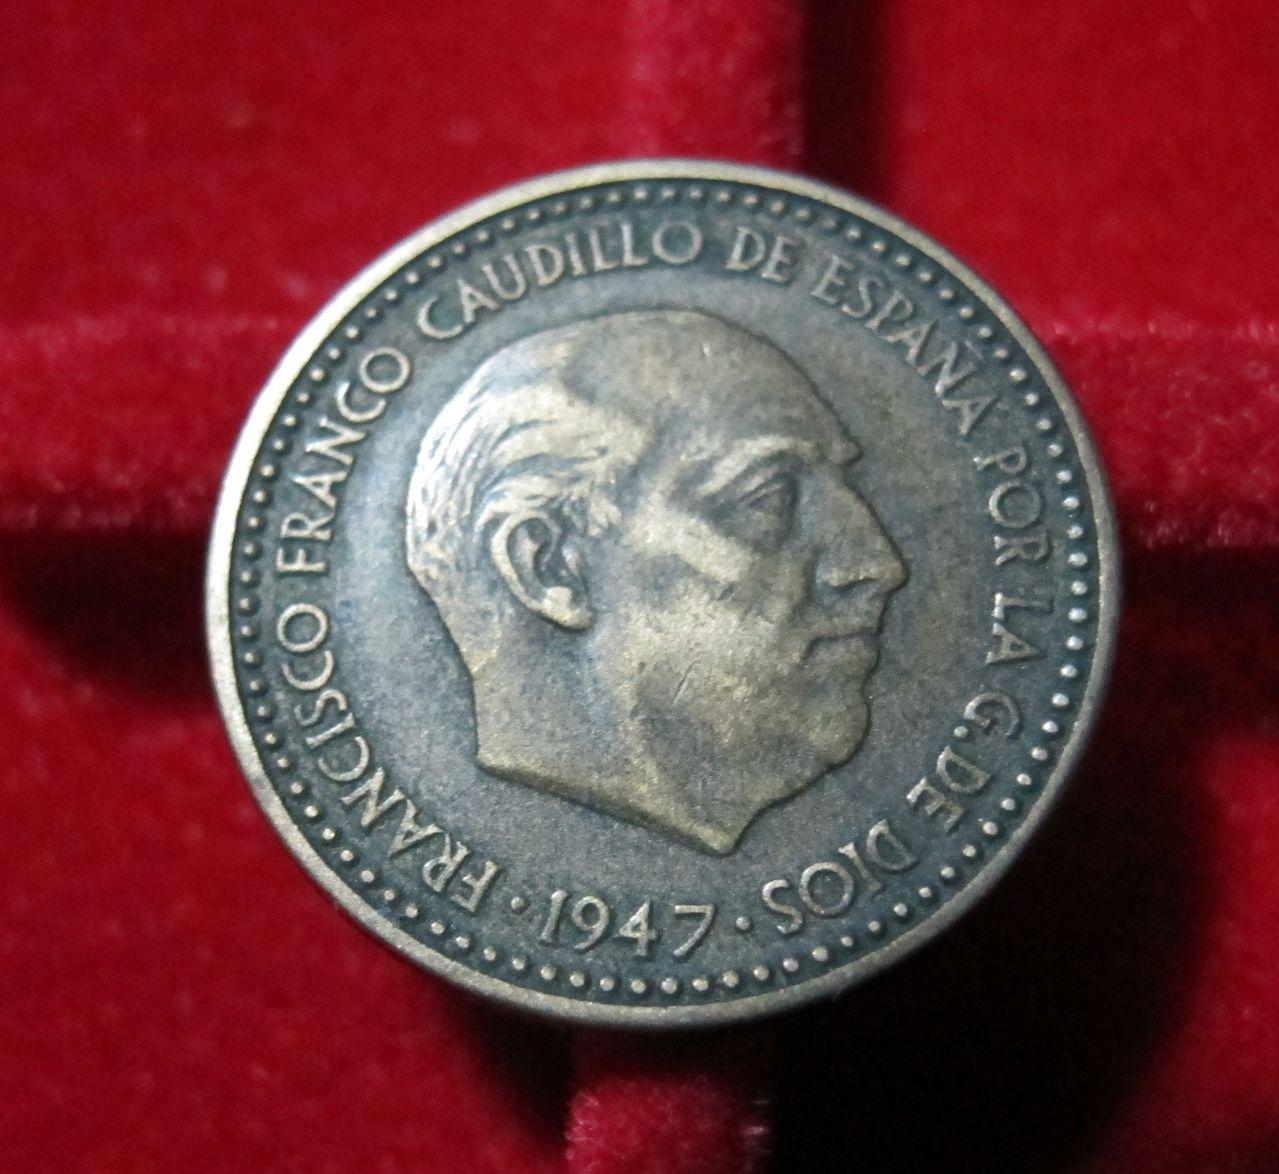 1 Peseta 1947 *49. Estado español. Conservación? Pes49_1